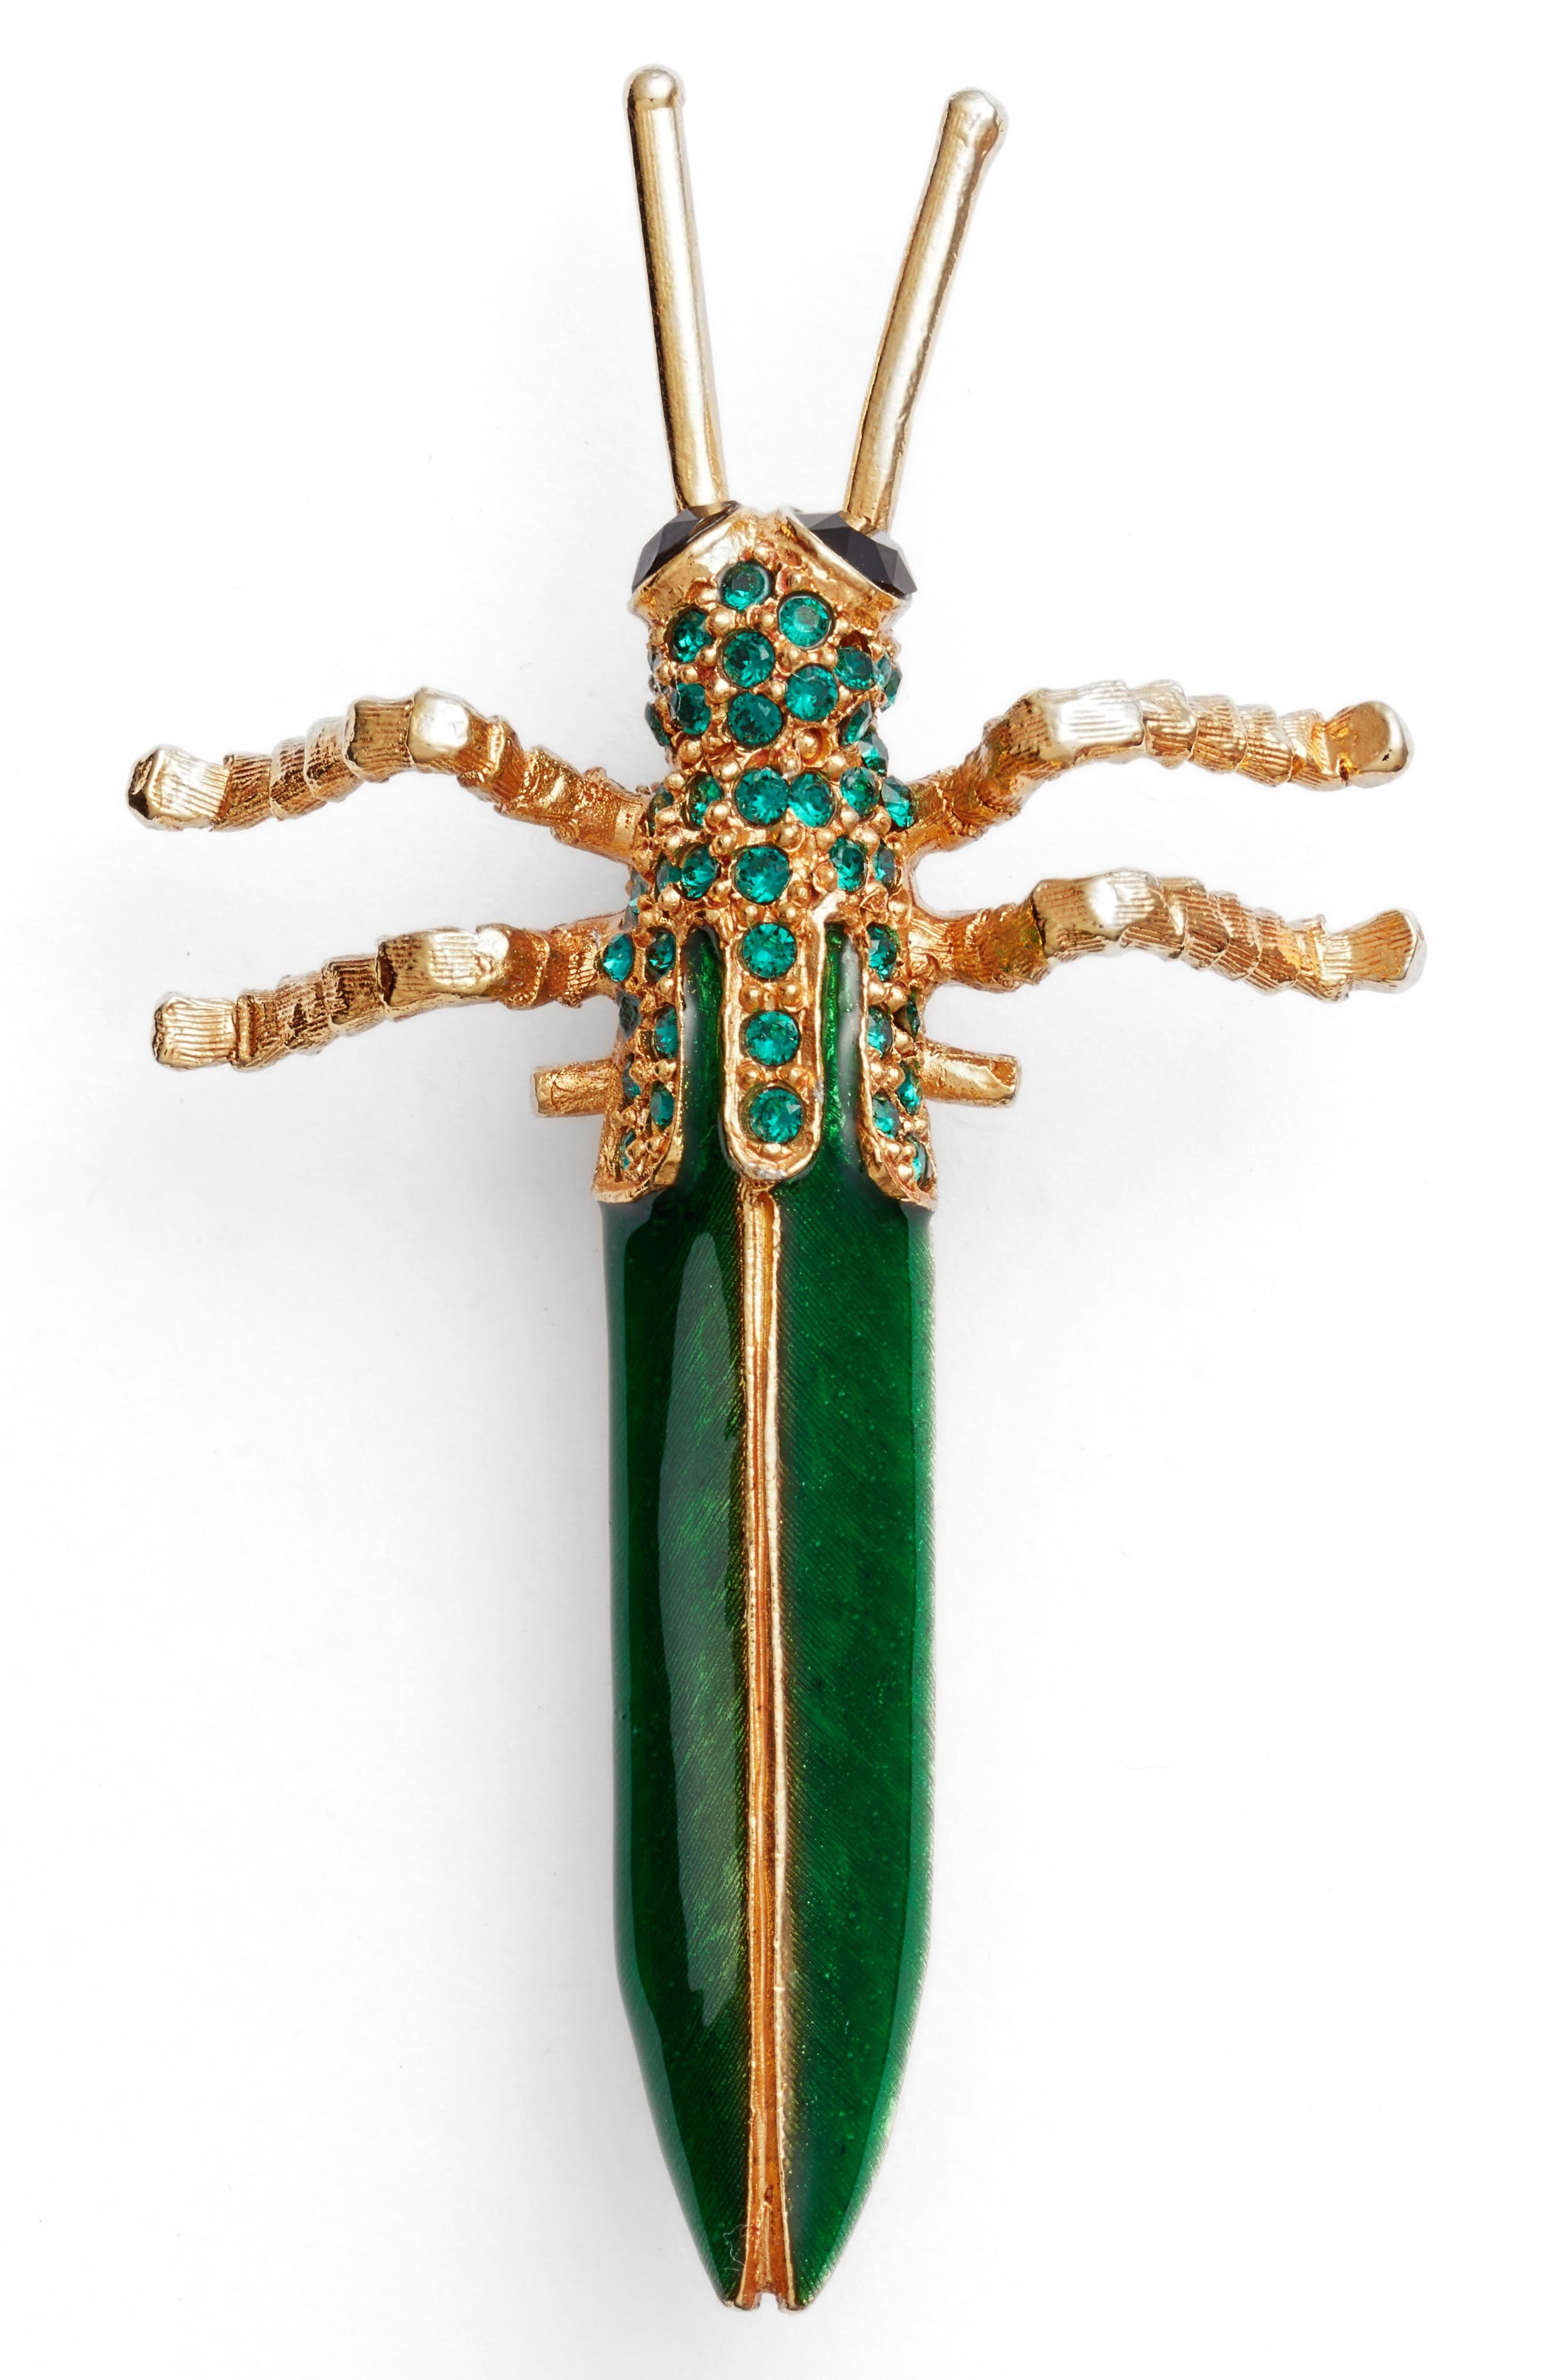 Oscar de la Renta Grasshopper Brooch